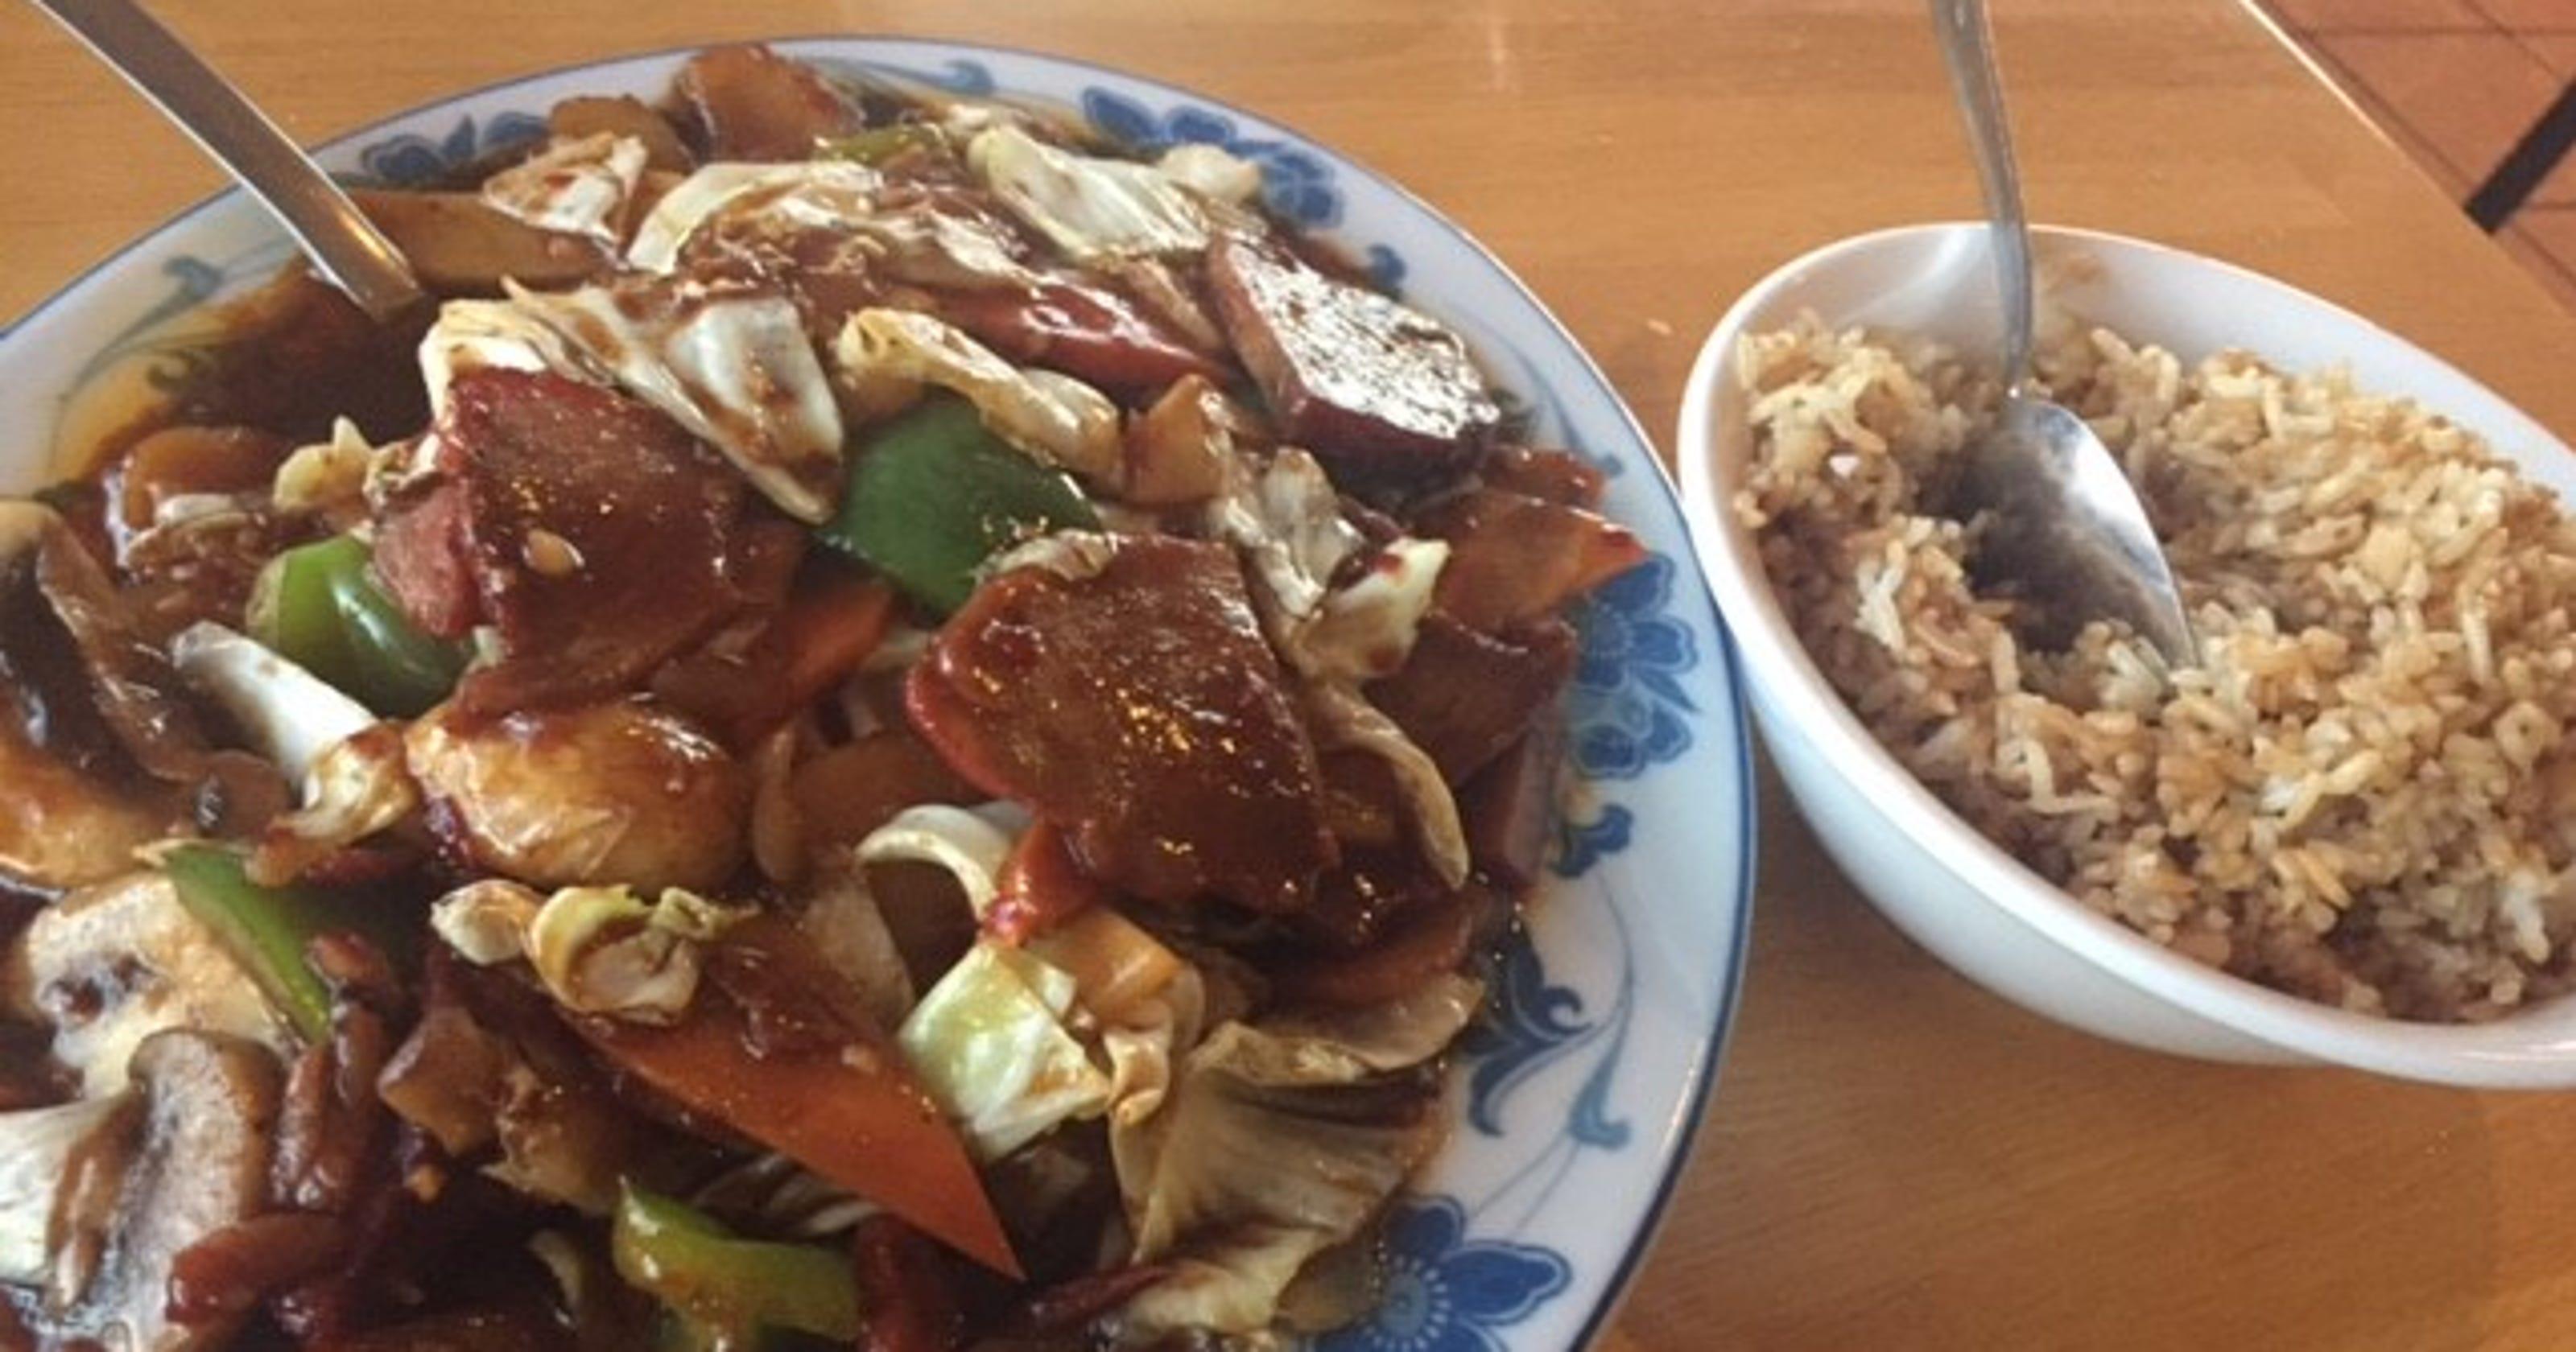 Grub Scout: Szechuan Garden grows fans with tasty menu, good service